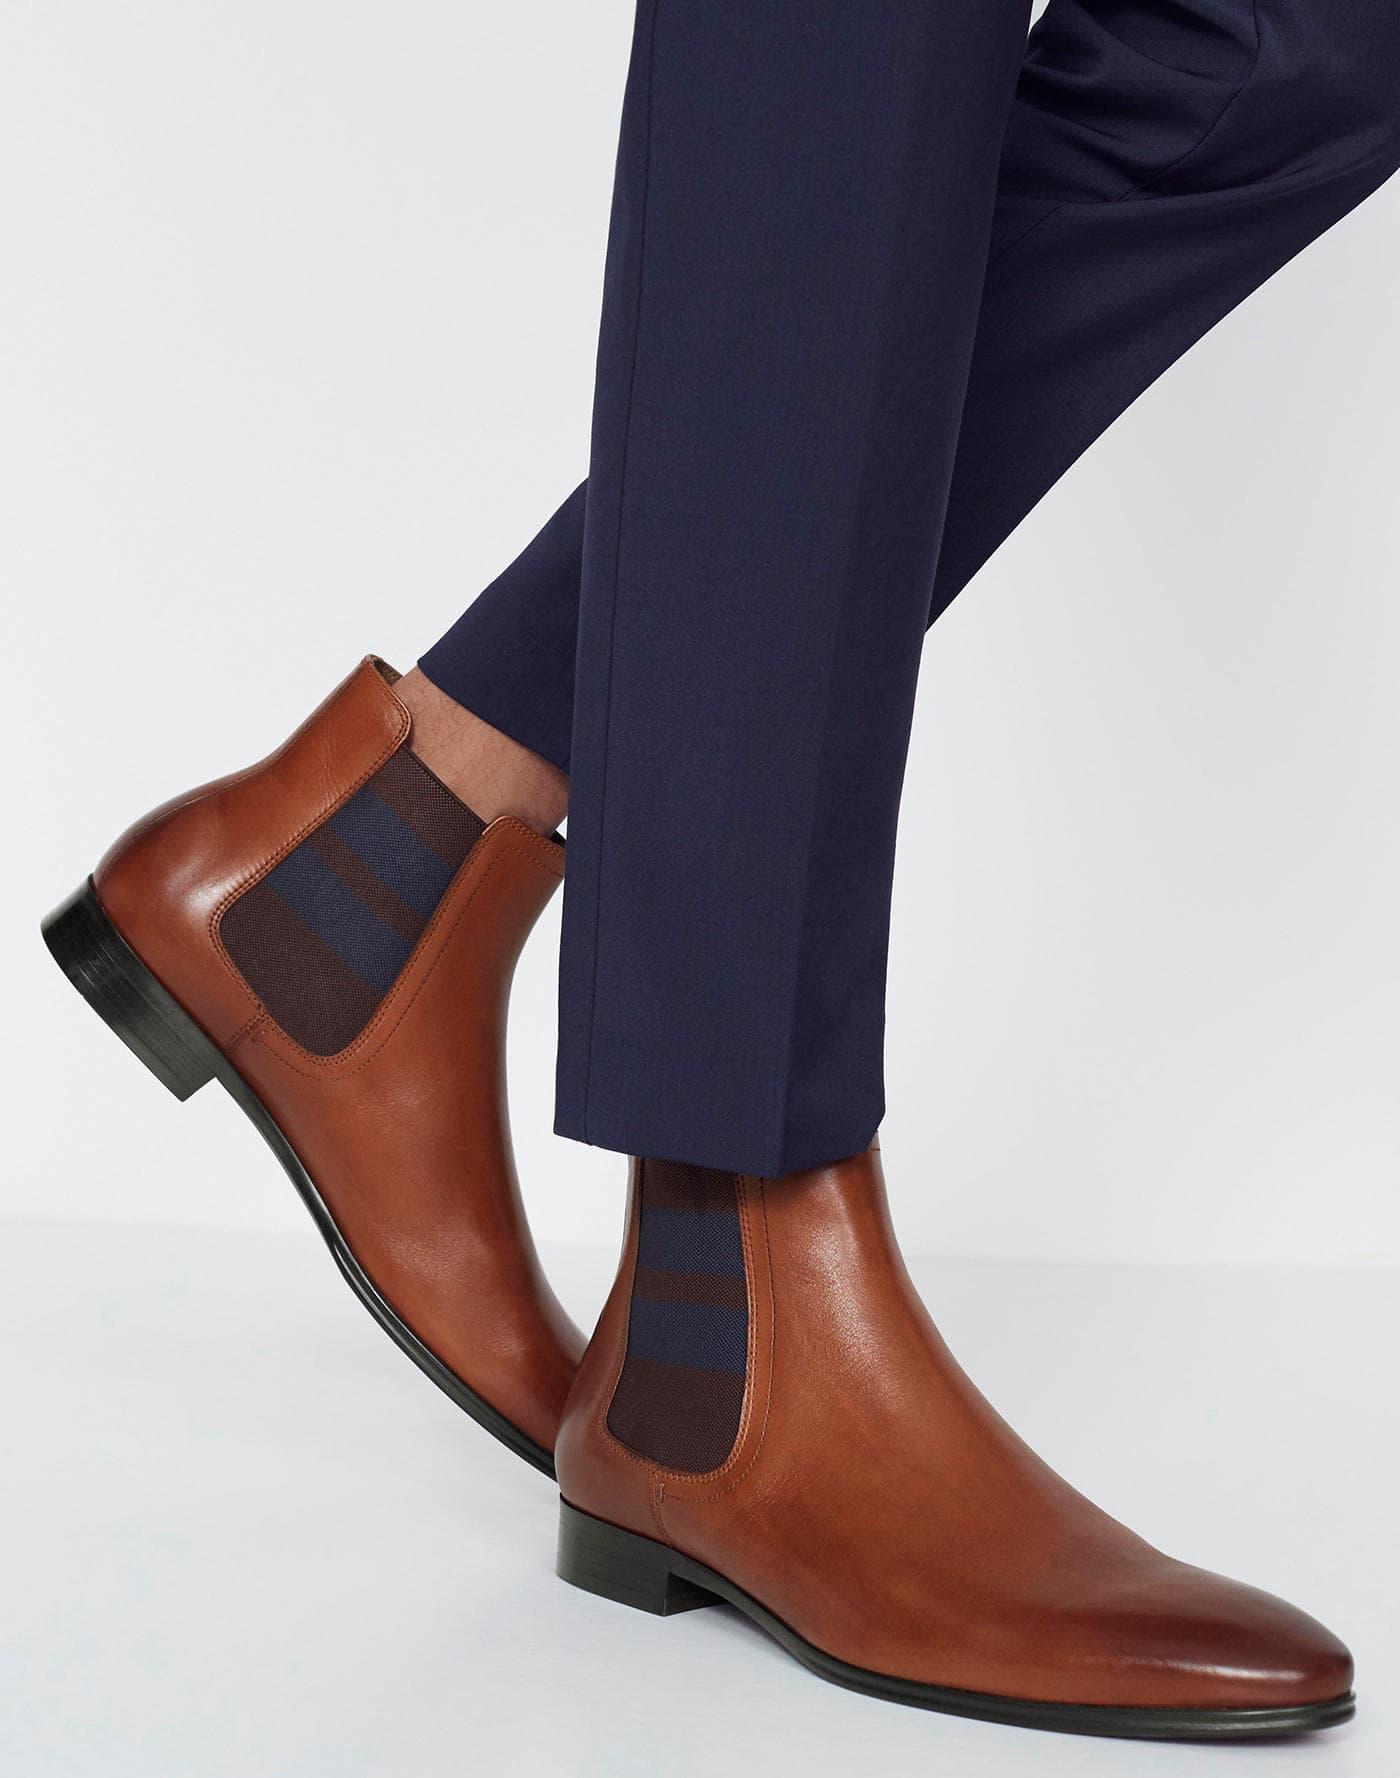 e0d508568cca Chelsea boots